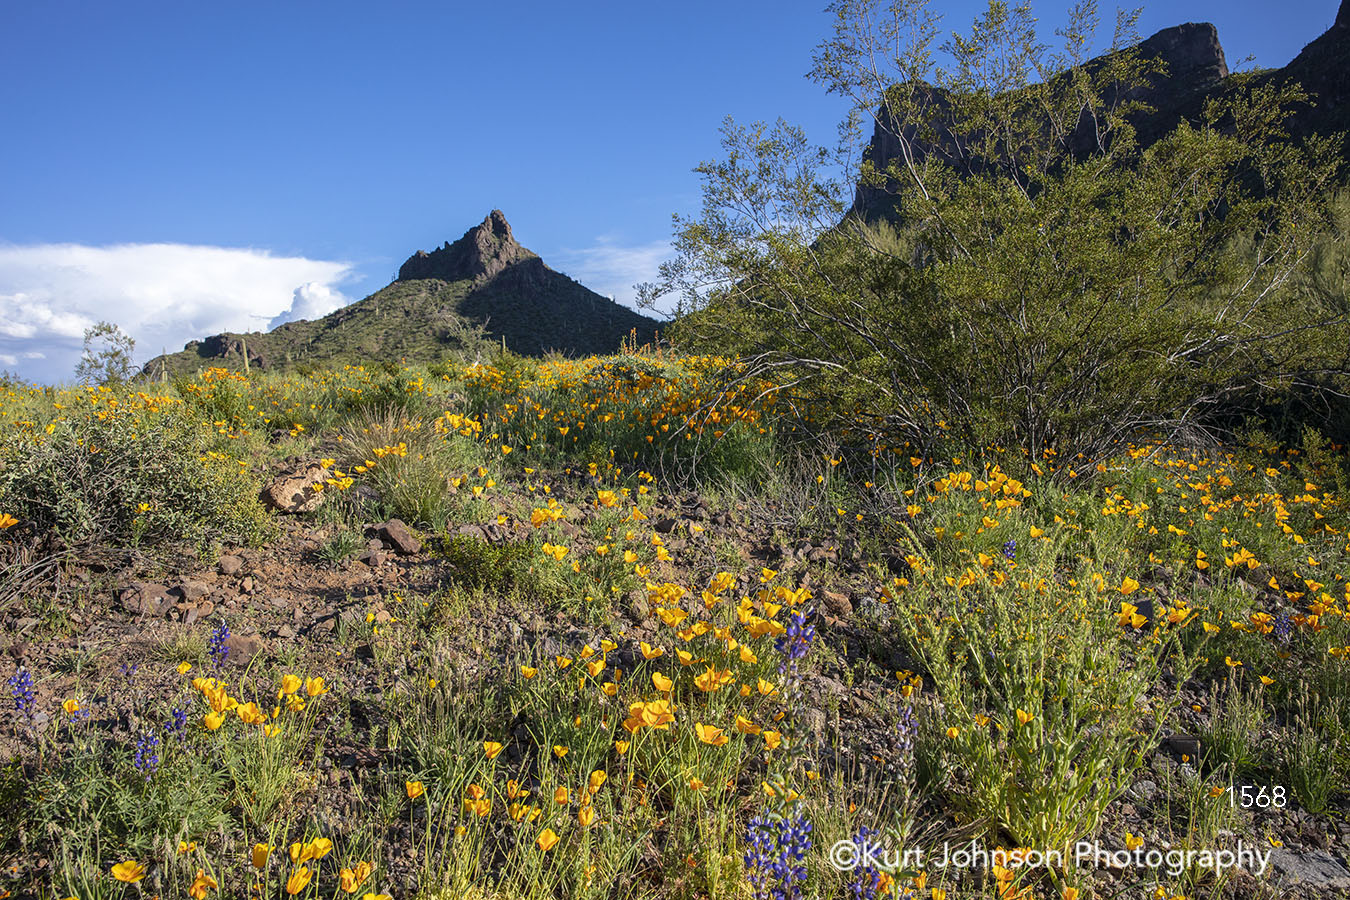 southwest desert botanical garden yellow flowers field mountain